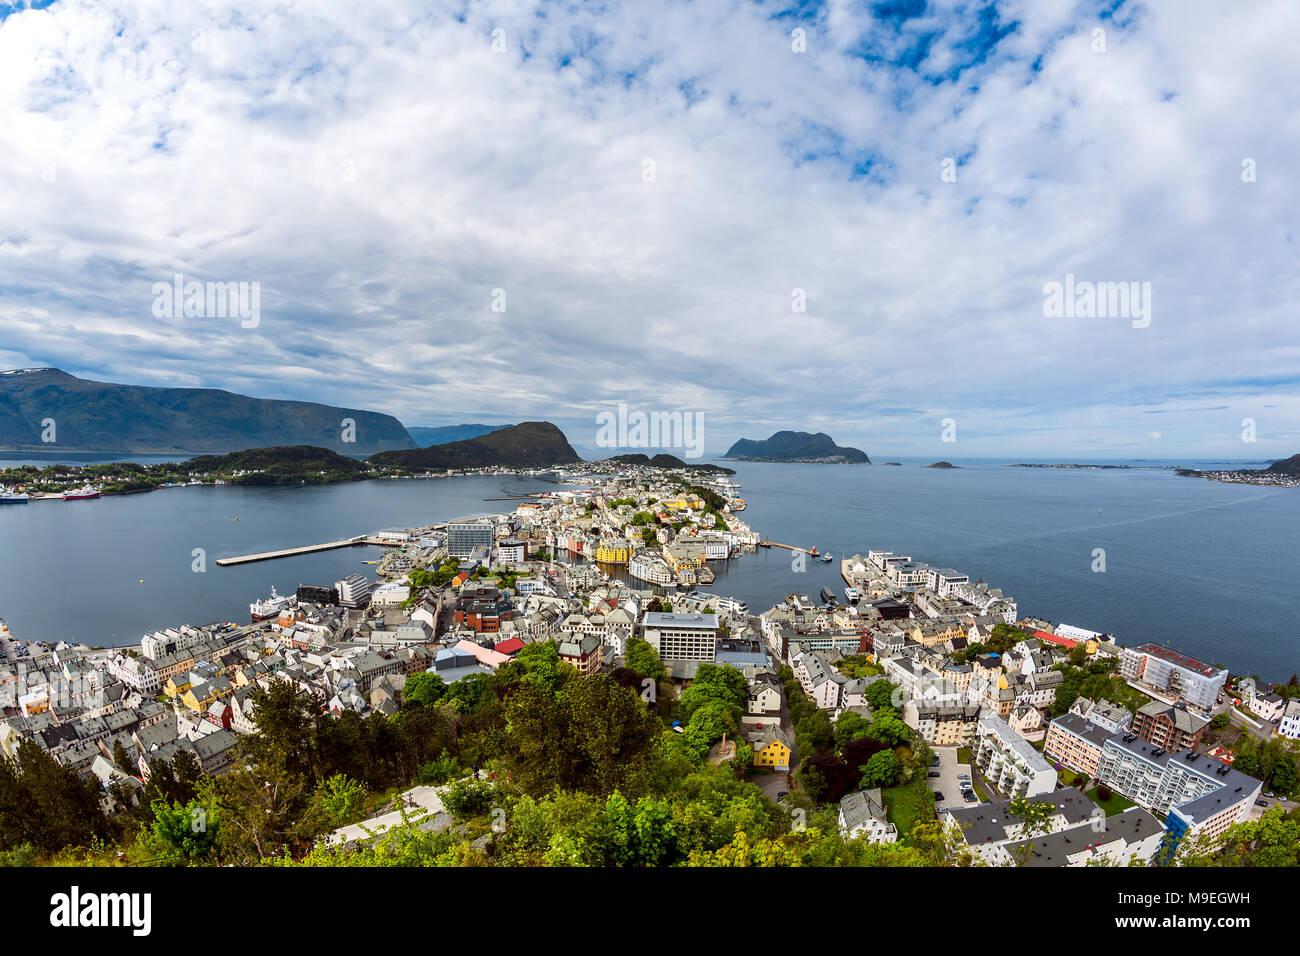 Aksla en la ciudad de Alesund, Noruega. Es un puerto de mar, y se destaca por su concentración de arquitectura modernista. Imagen De Stock